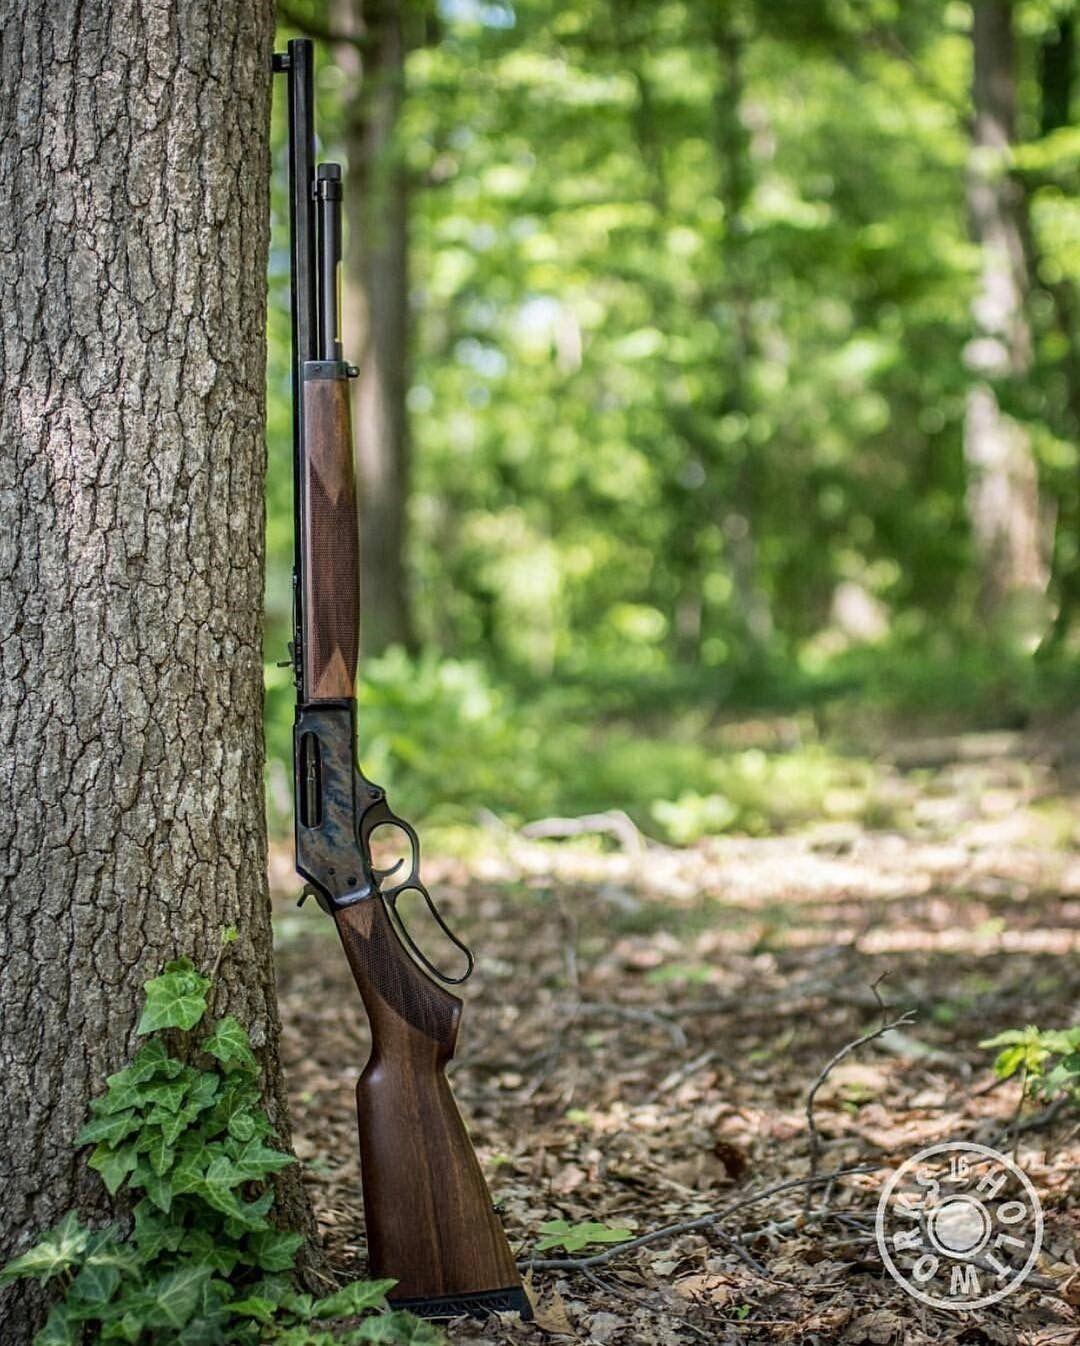 45-70 - @holtworks     #pistol #gunporn #gun #guns #badass